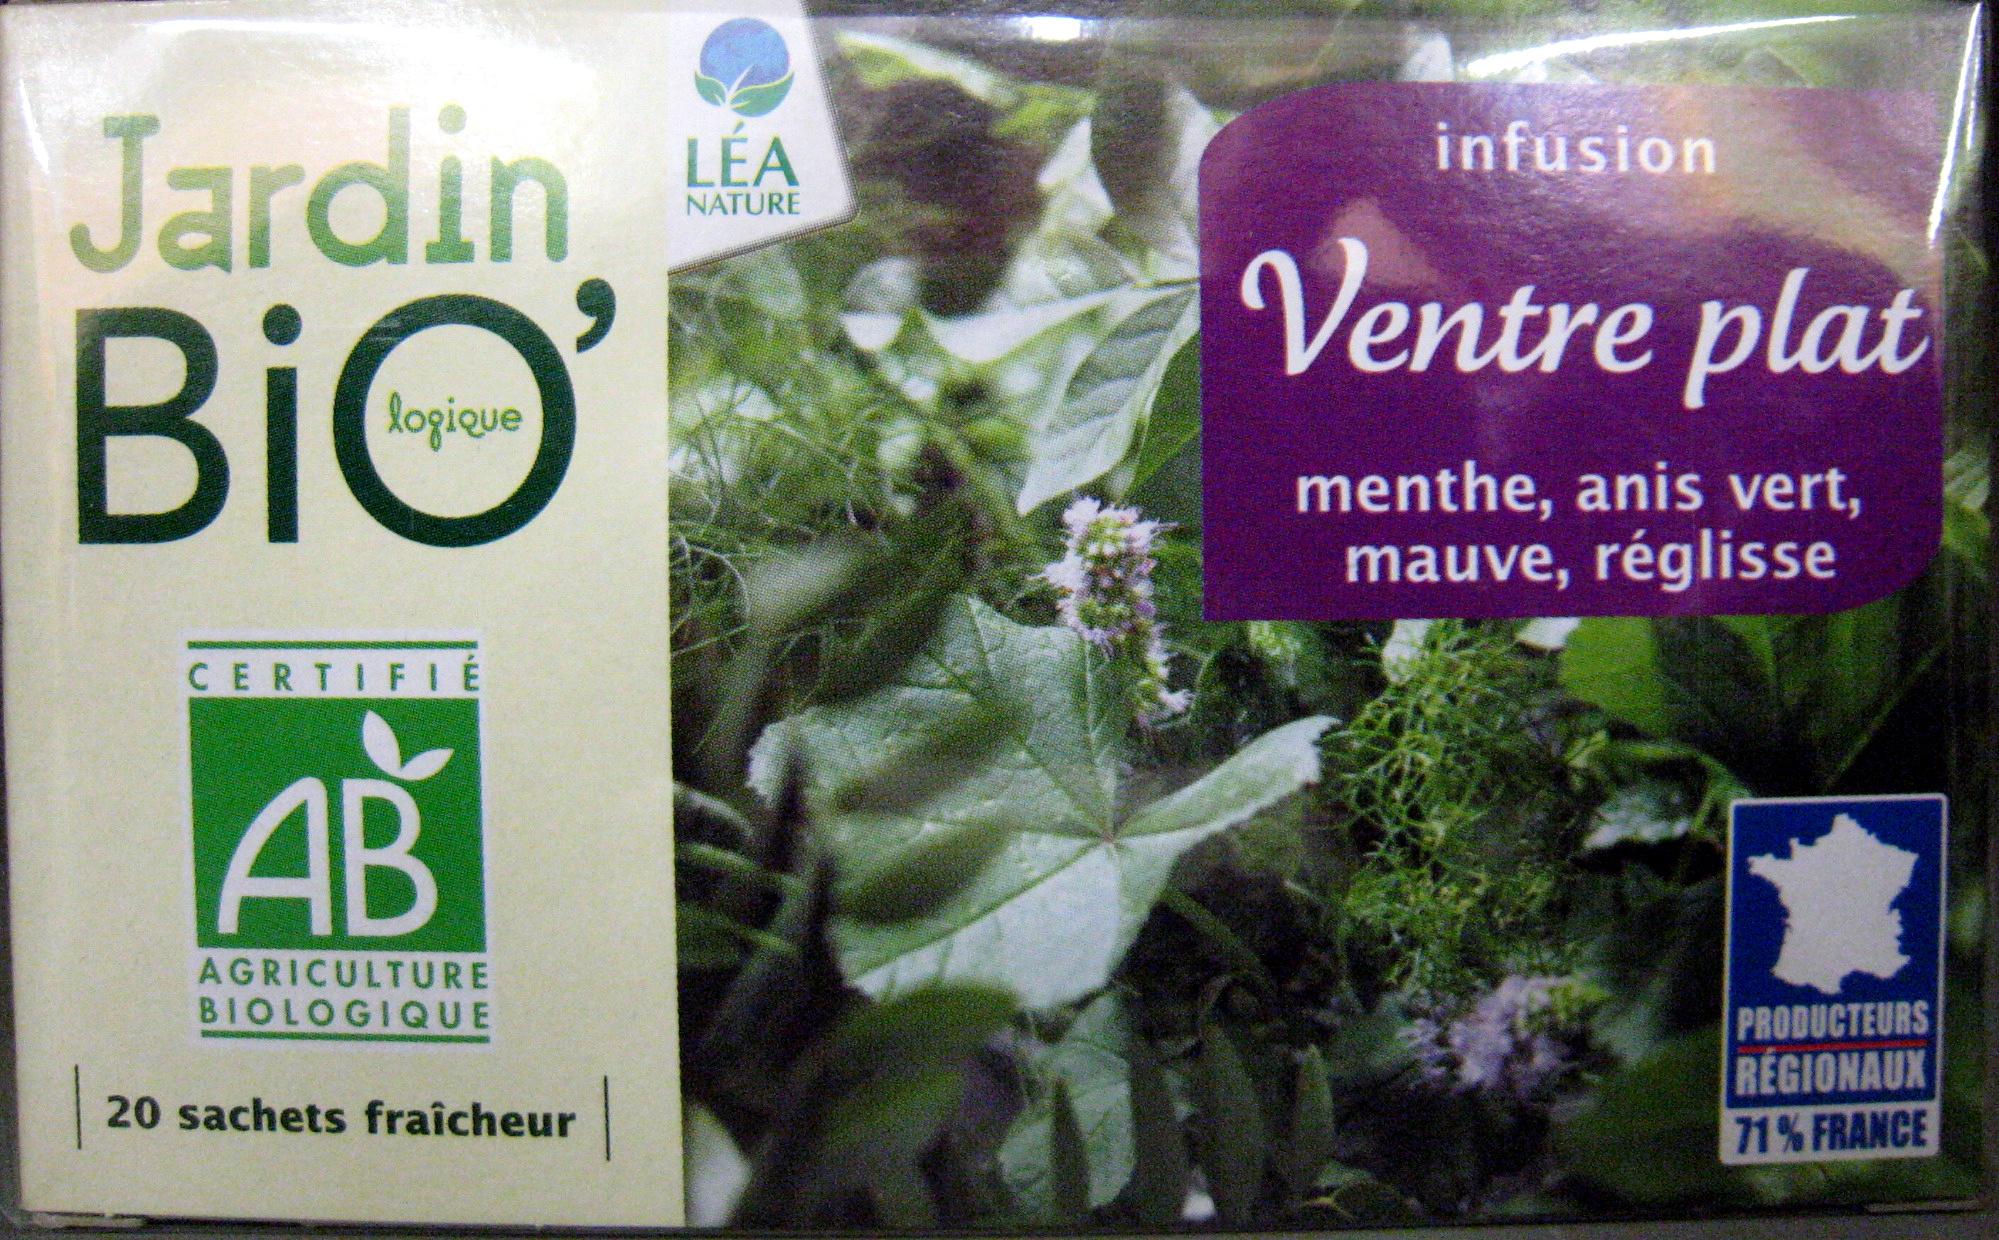 Infusion Ventre Plat Jardin Bio - 30 G (20 Sachets De 1,5 G) tout Infusion Jardin Bio